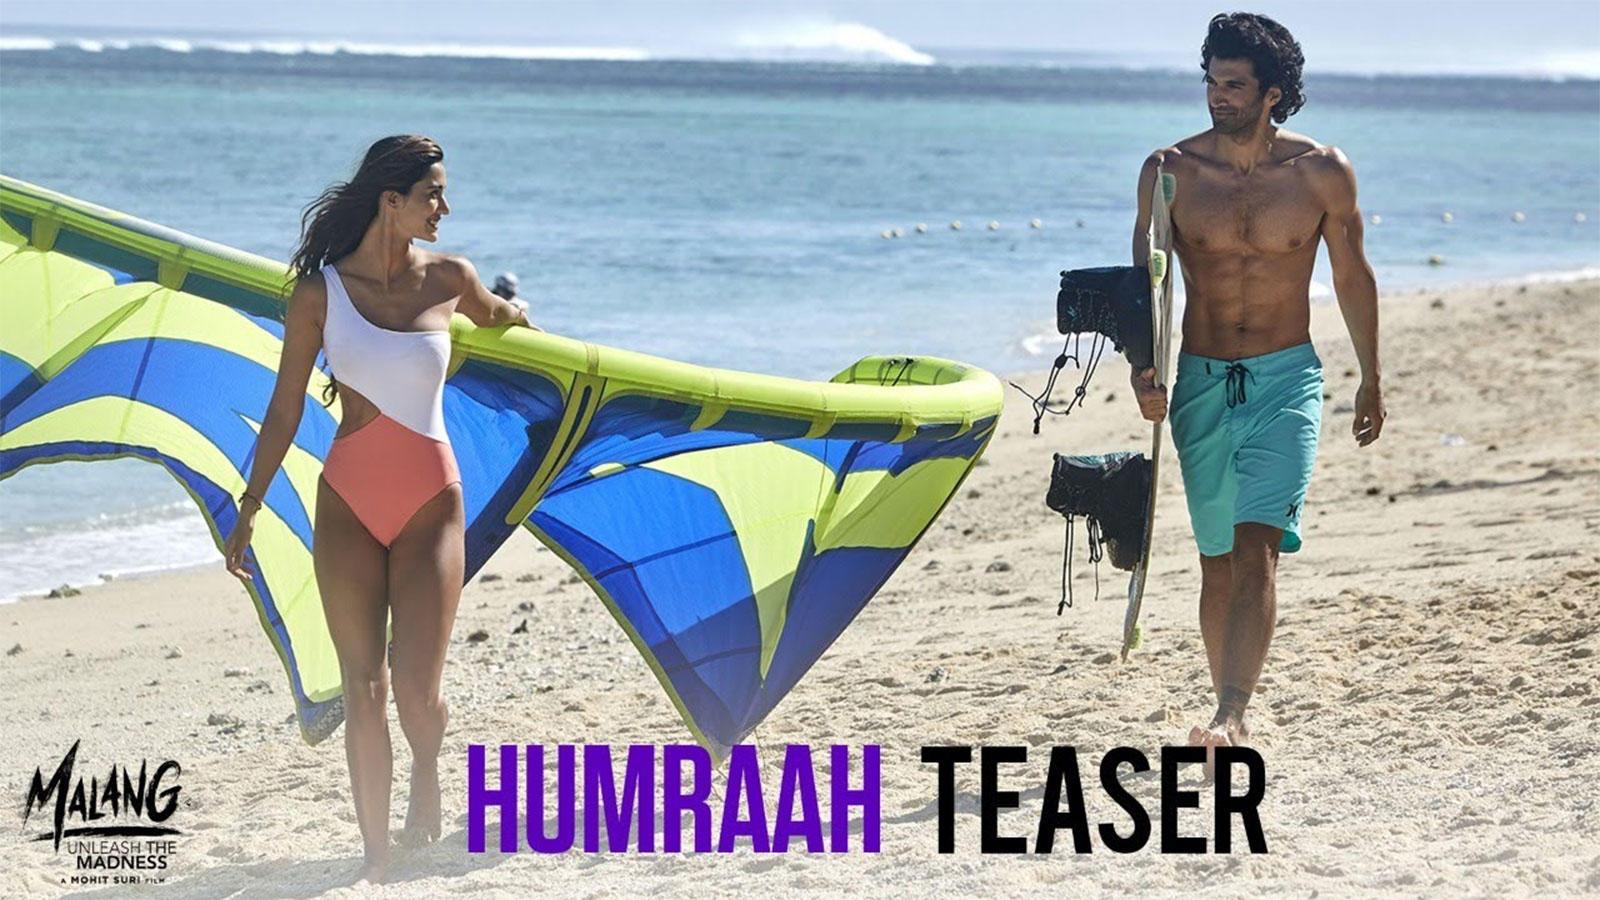 Malang Song Humraah Teaser Hindi Video Songs Times Of India